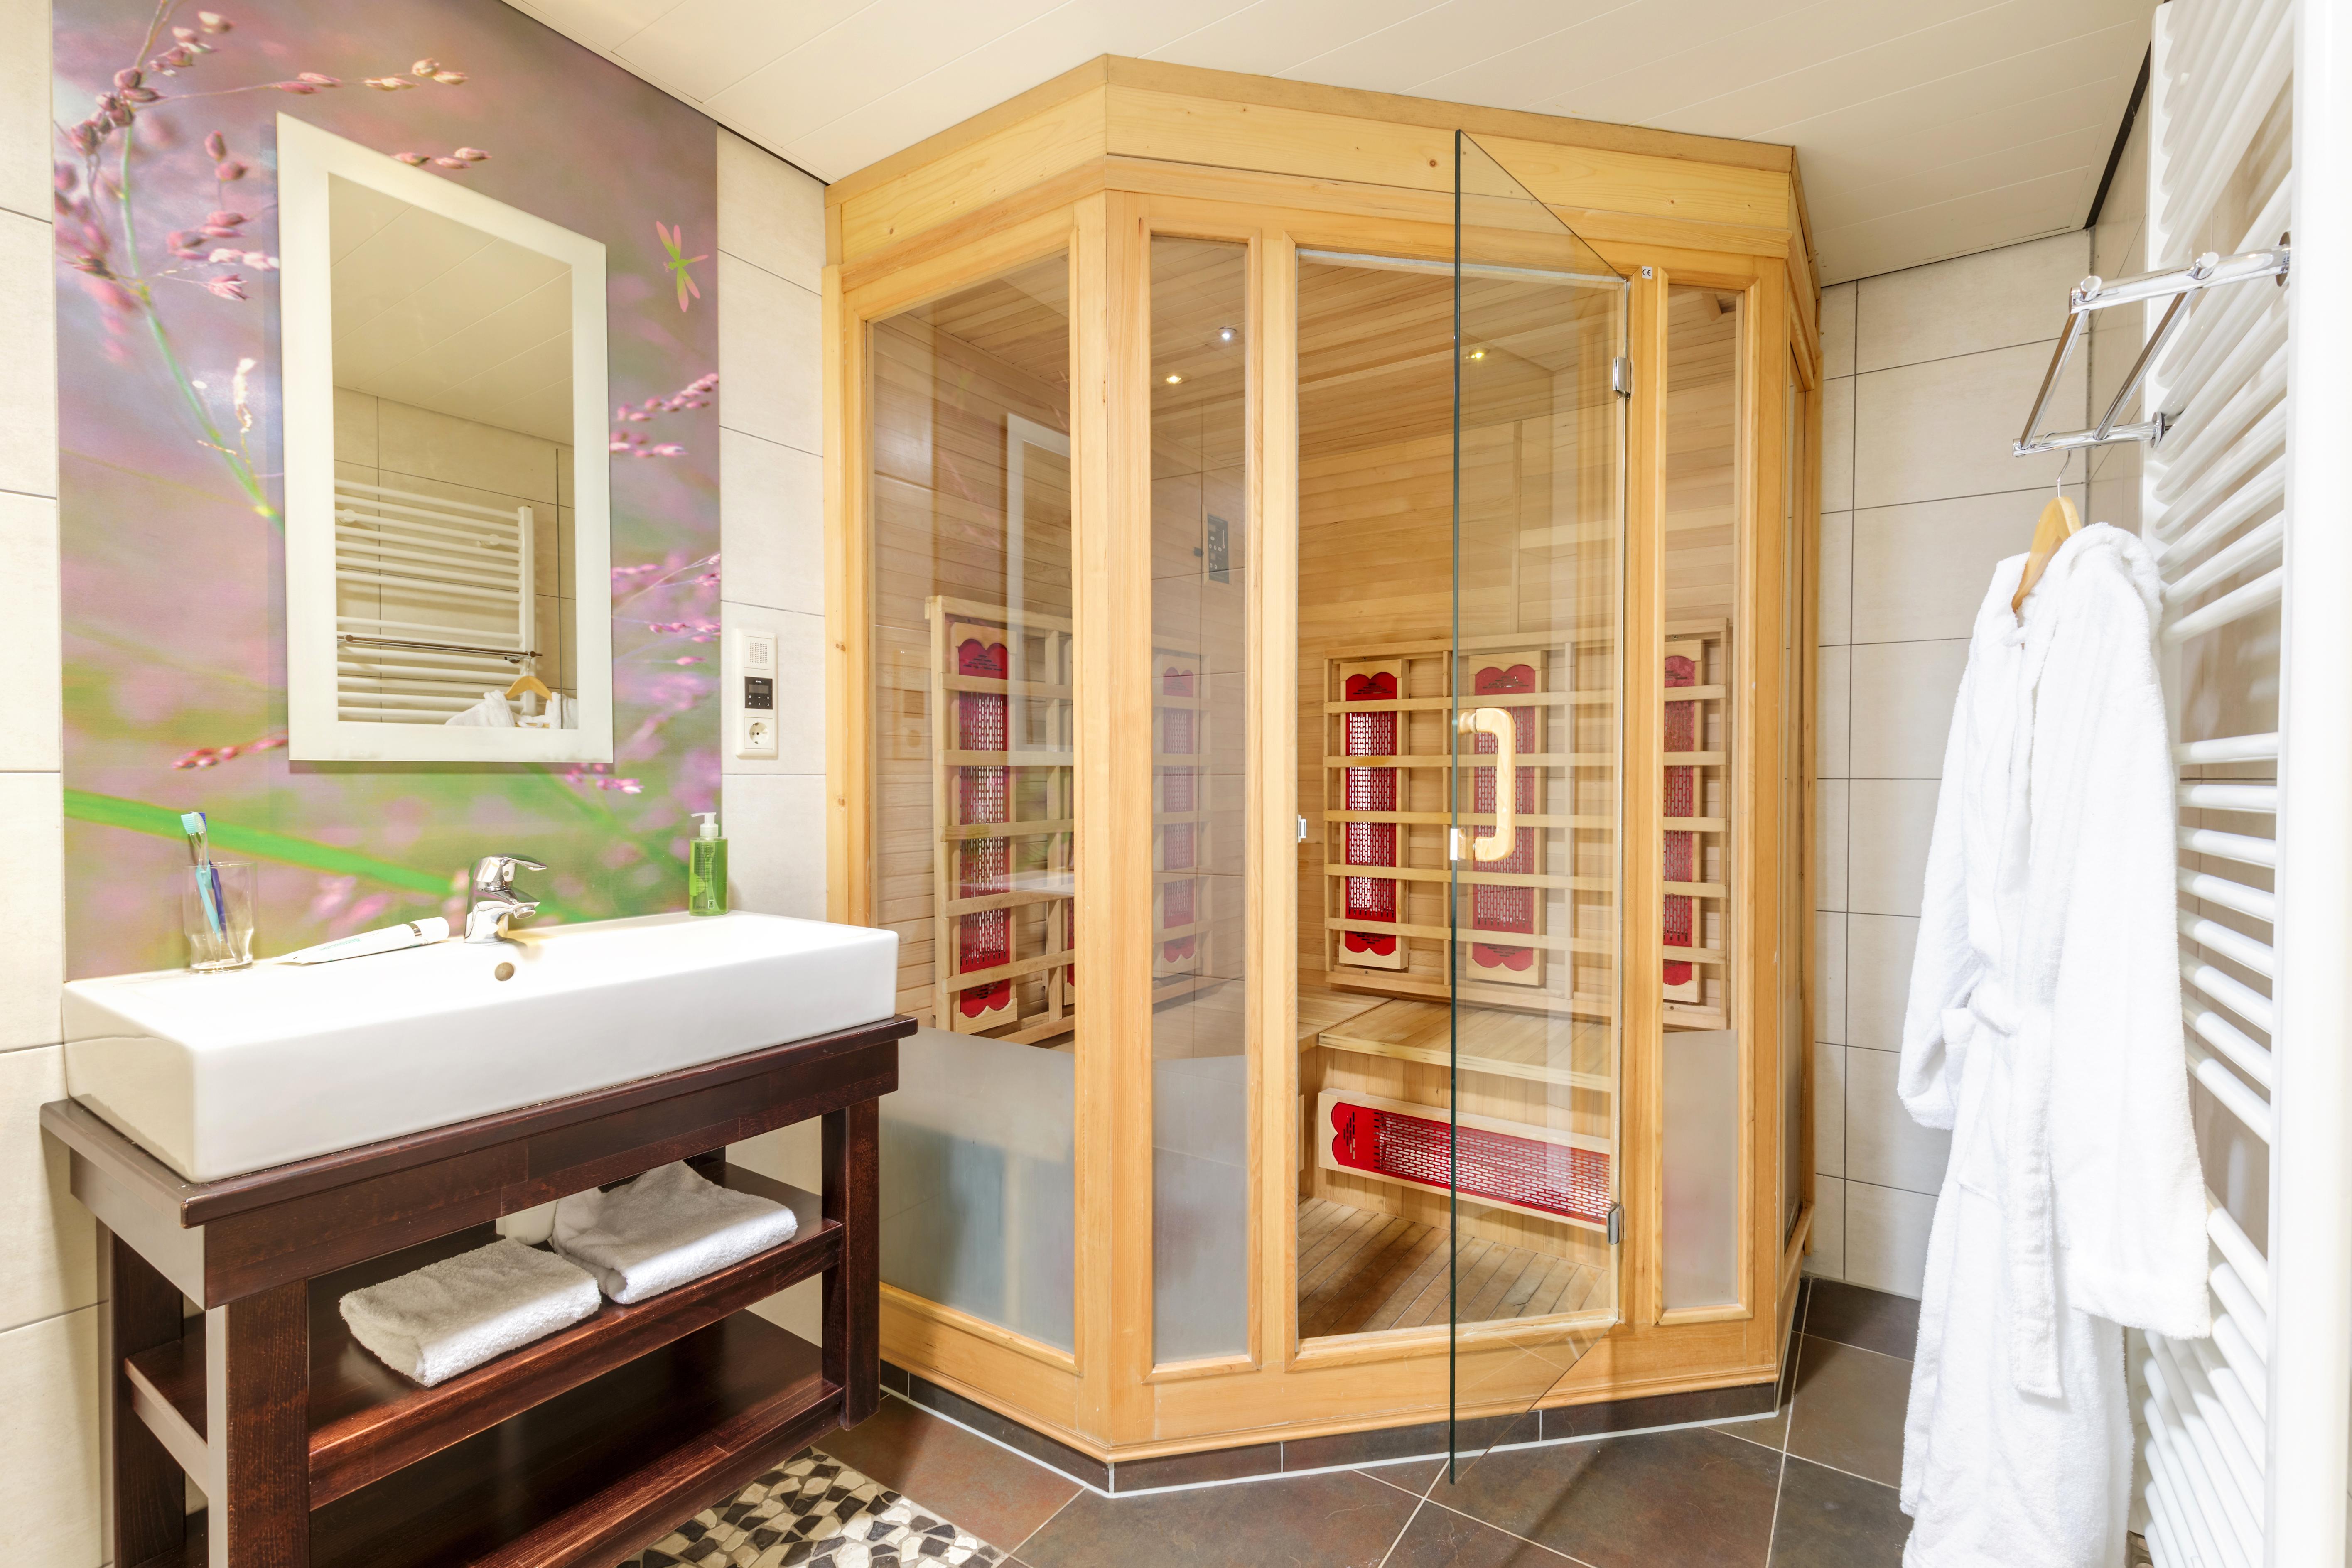 Ferienhaus Center Parcs  De Huttenheugte - cottage 6 persons VIP (2639175), Dalen (NL), , Drenthe, Niederlande, Bild 5